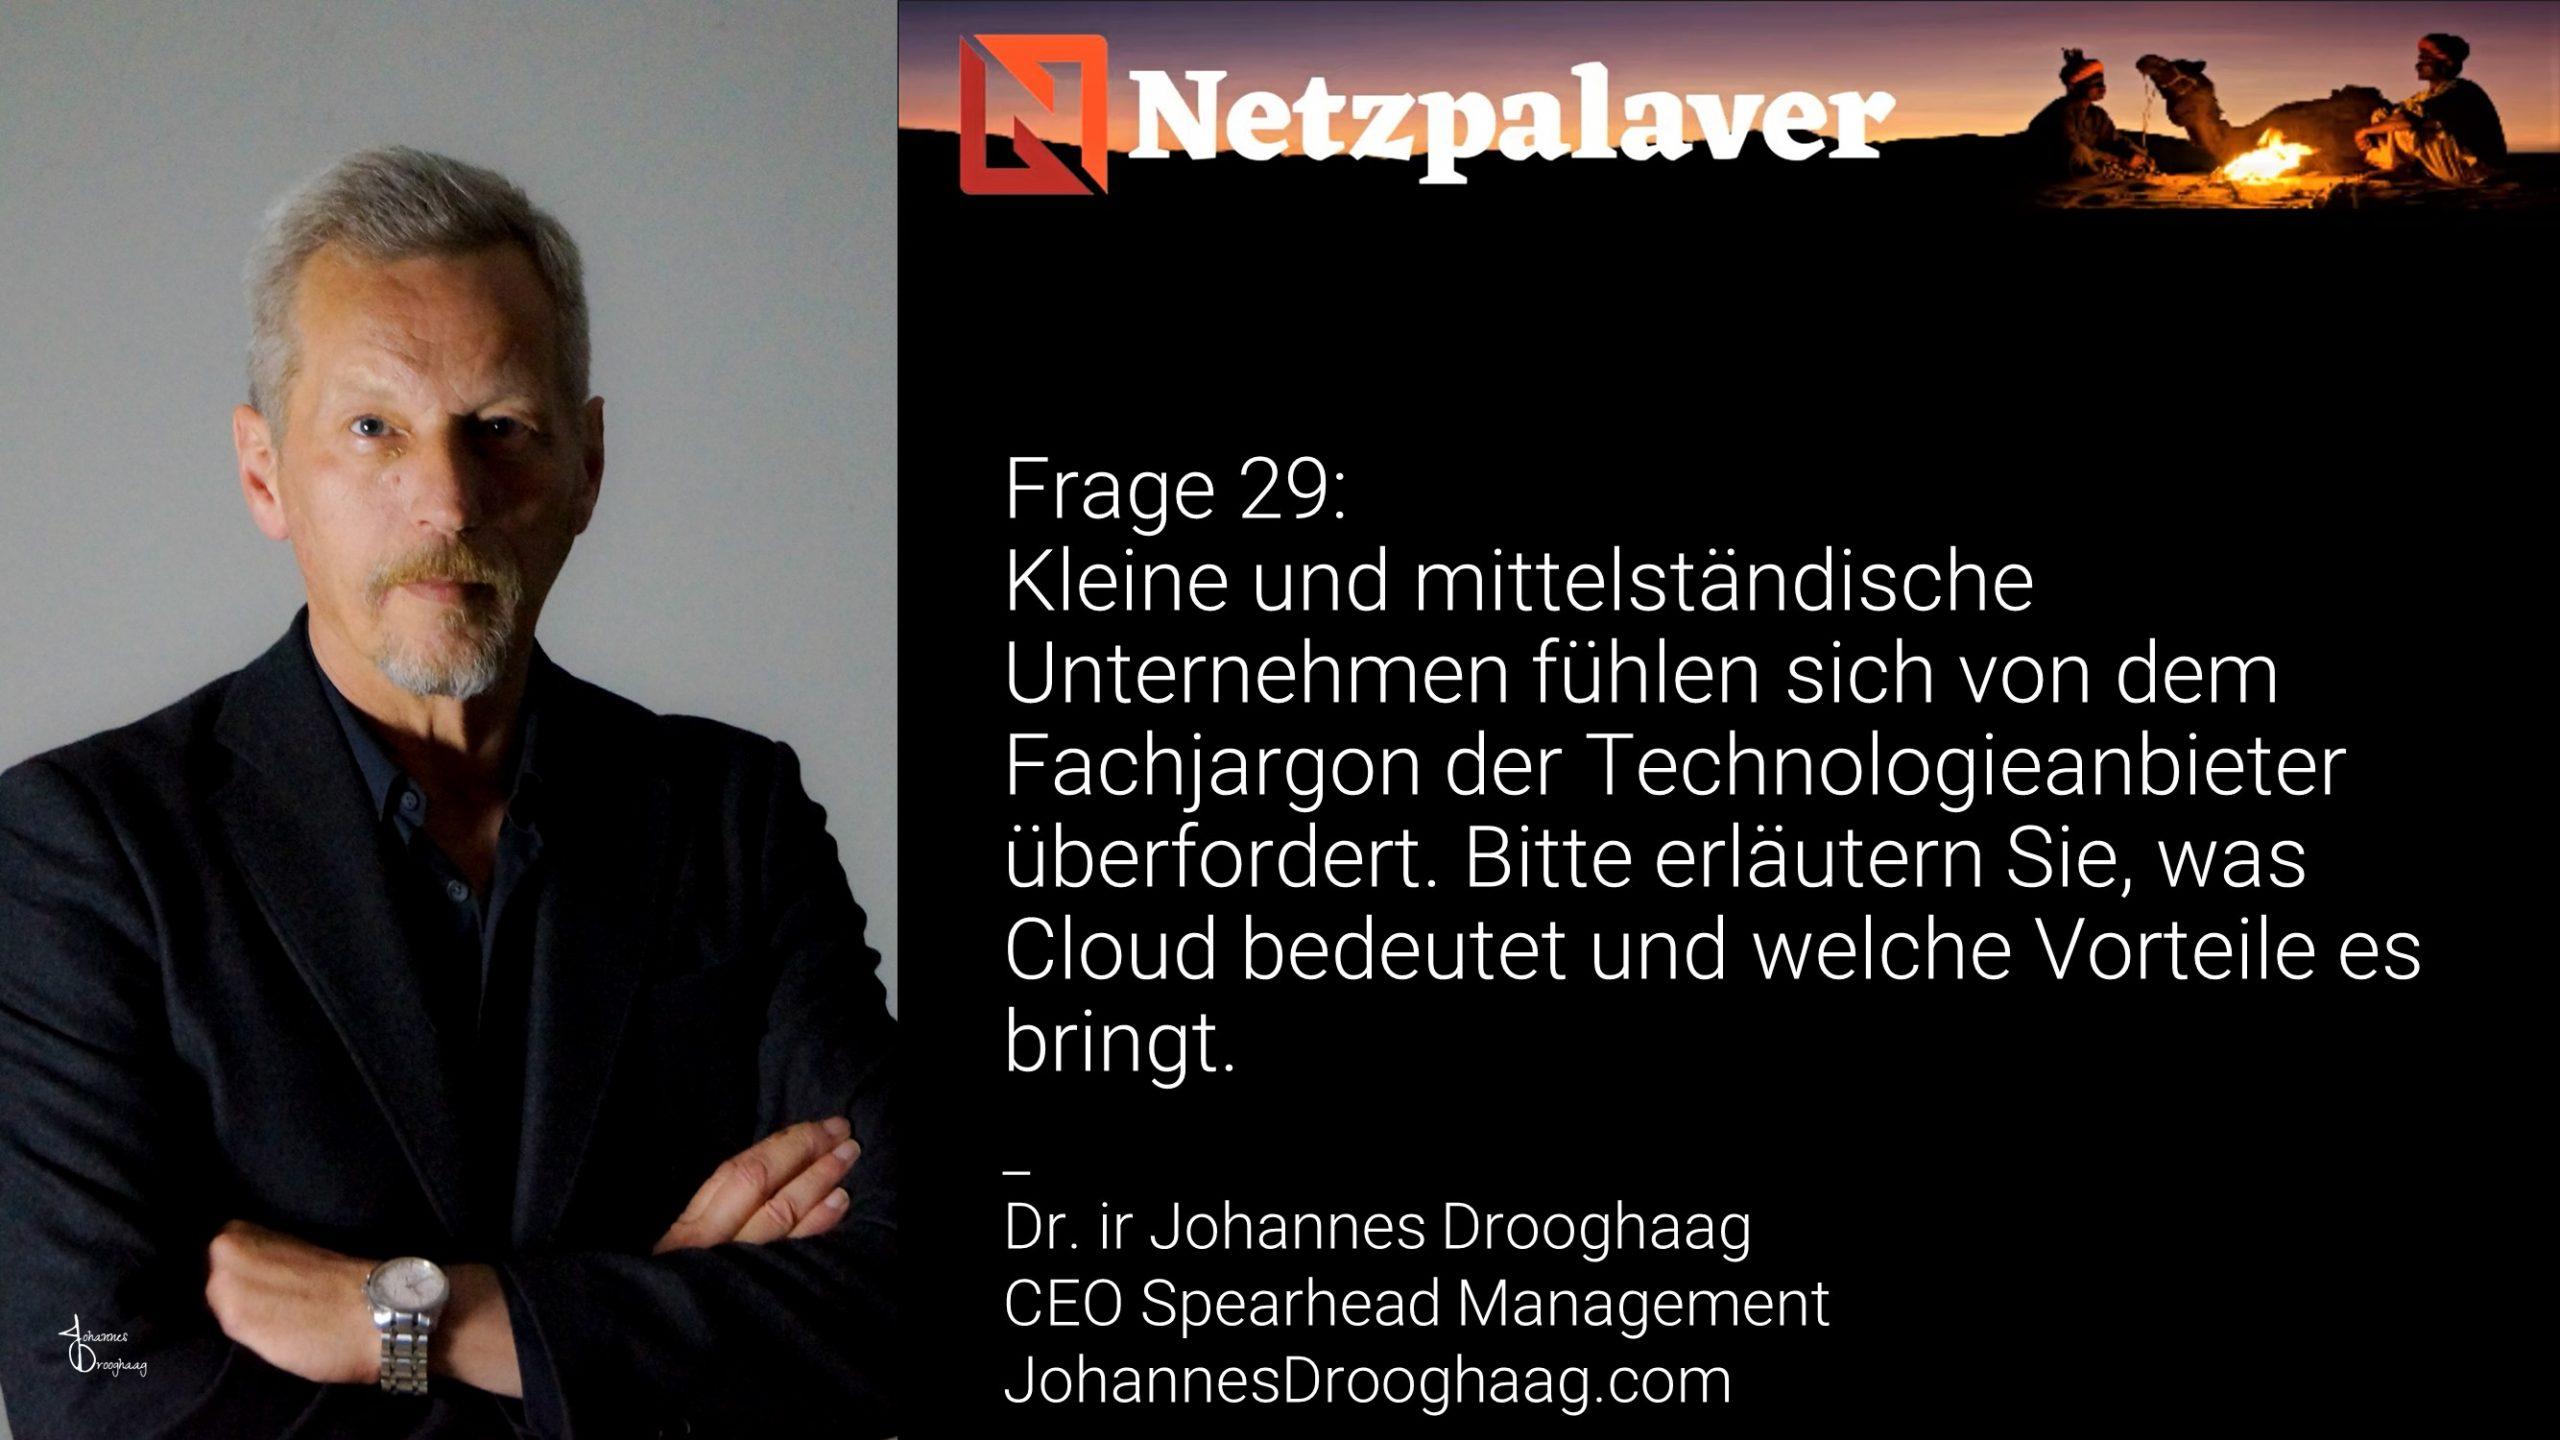 Netzpalaver: Mittelstand und Digitalisierung - Frage 29